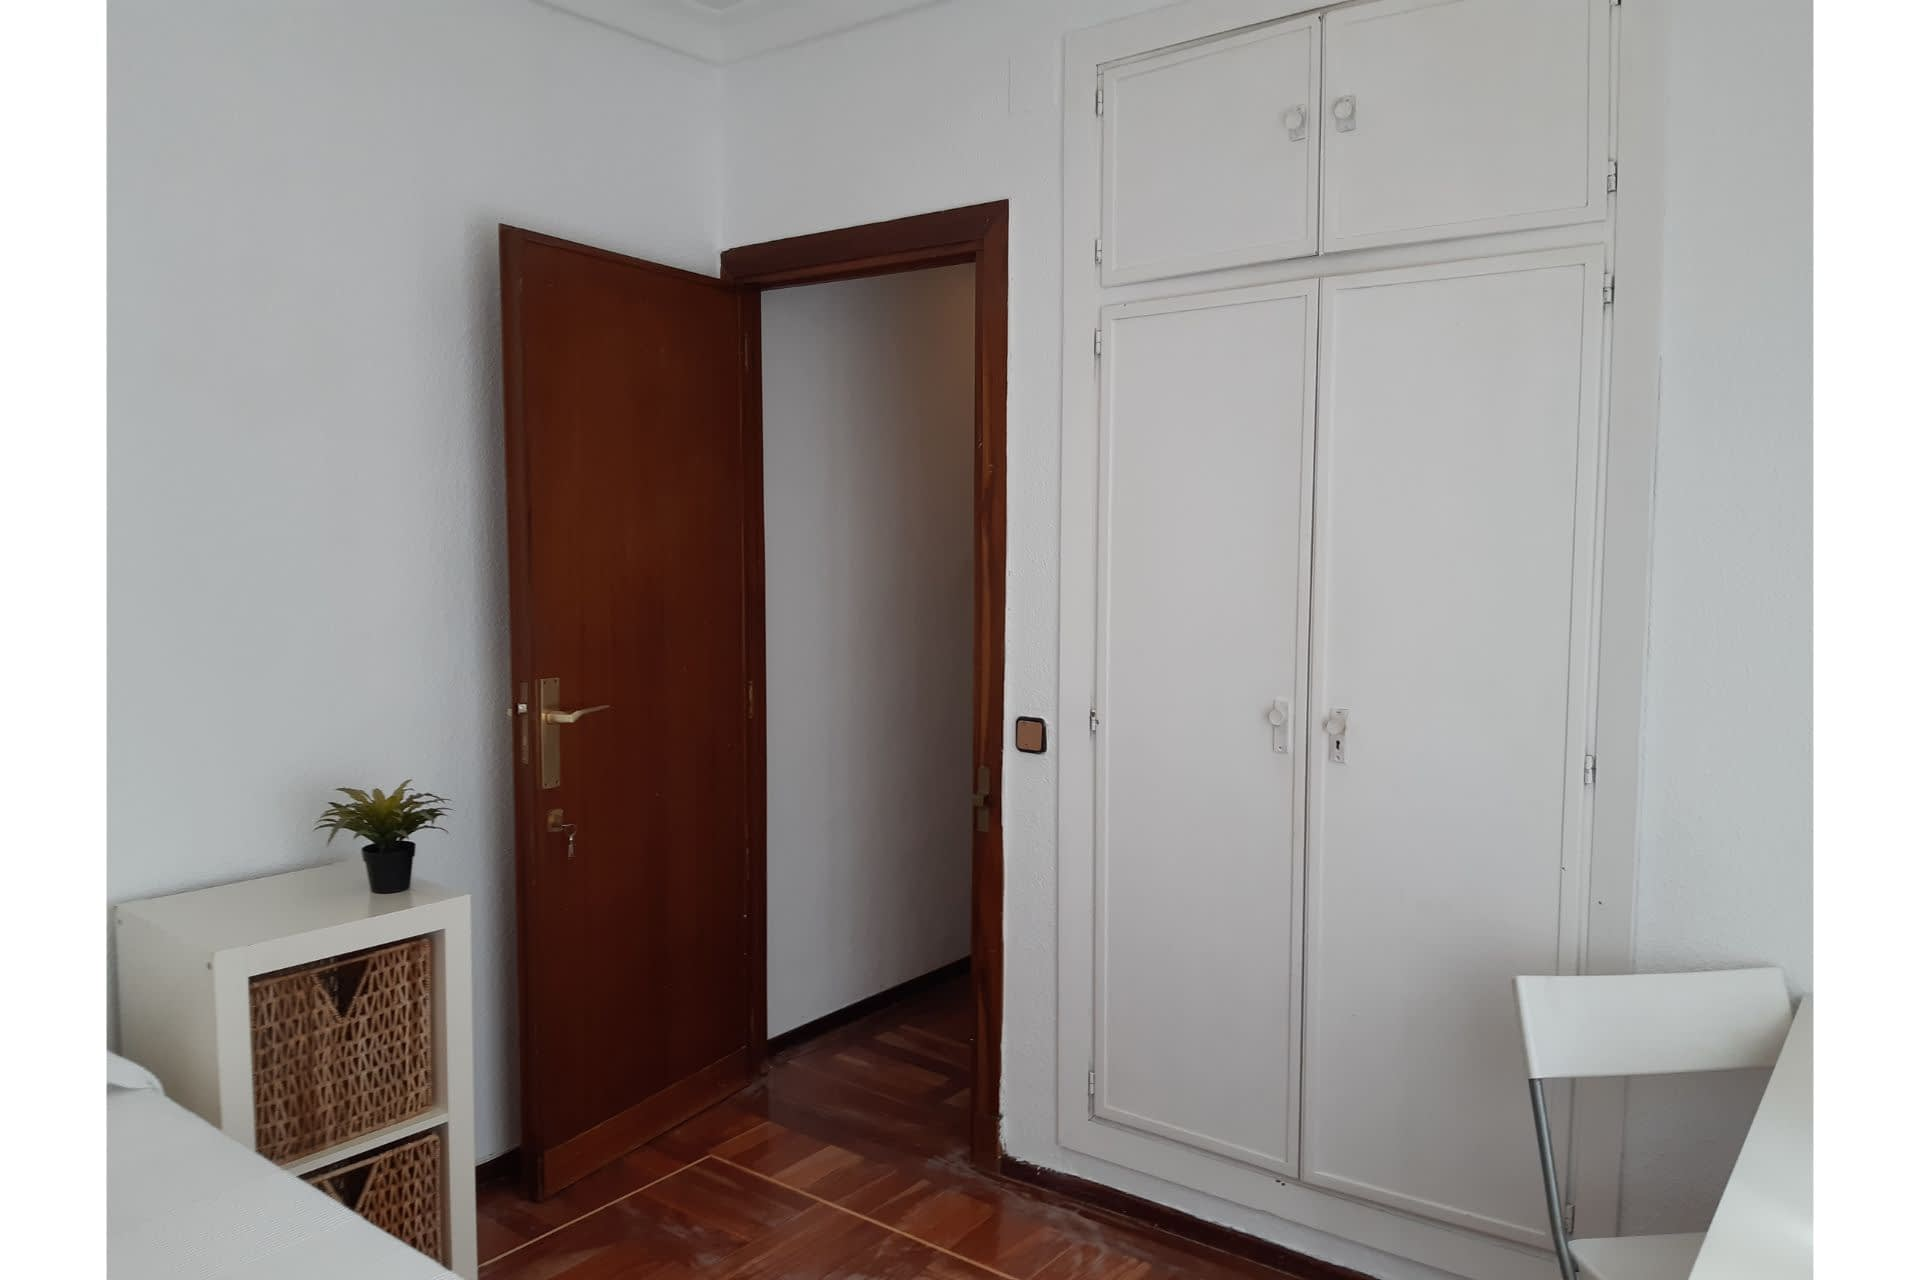 alquiler de habitaciones madrid dani